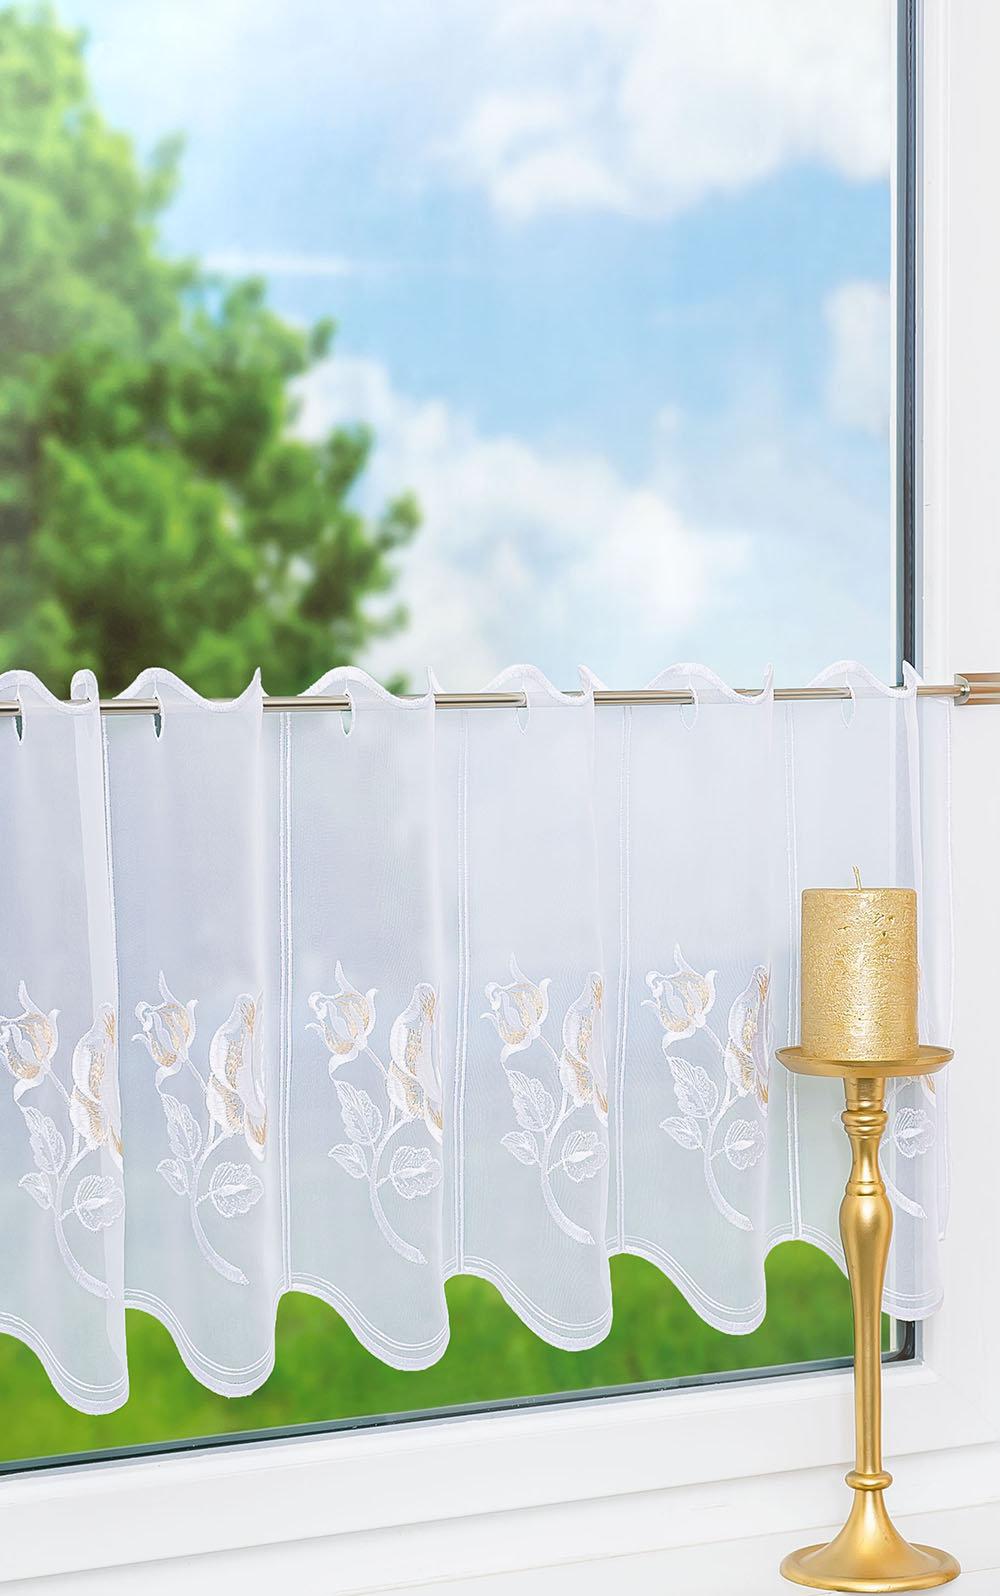 Full Size of Scheibengardinen Modern Esstisch Deckenlampen Wohnzimmer Küche Holz Moderne Landhausküche Modernes Sofa Bilder Fürs Tapete Bett Design Weiss Duschen 180x200 Wohnzimmer Scheibengardinen Modern